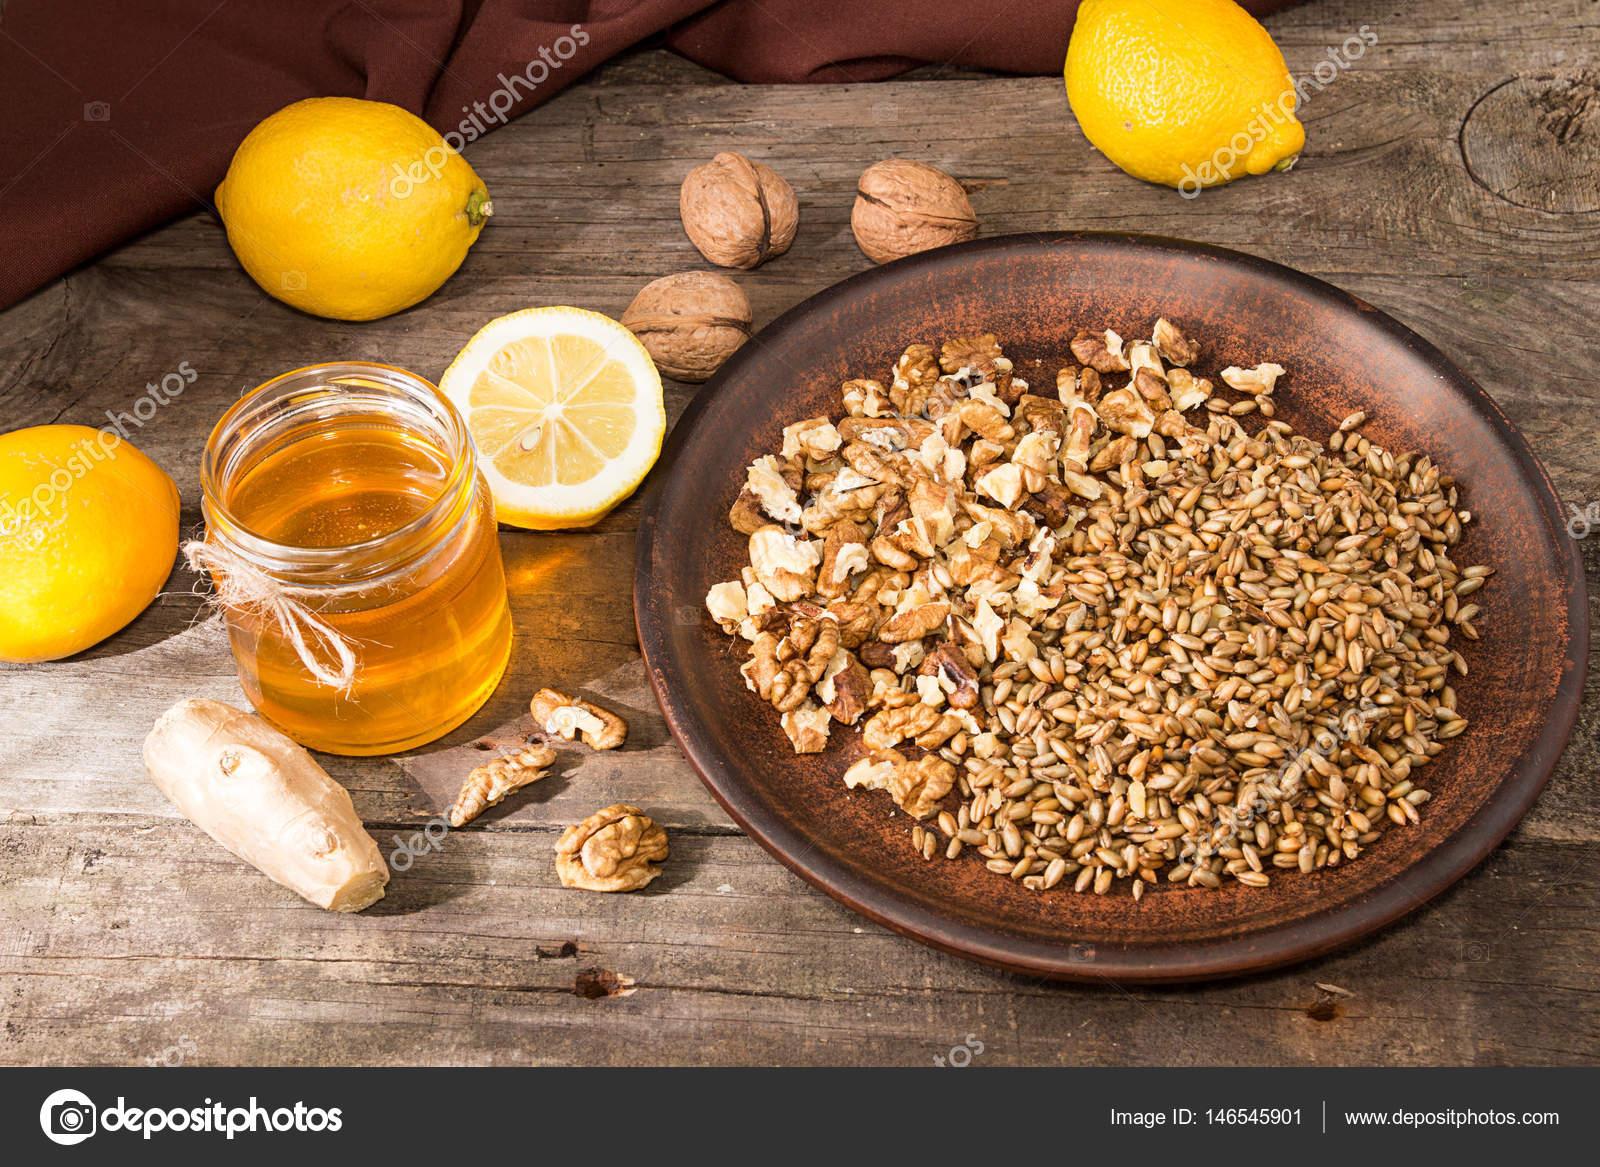 Диета с лимоном и медом. Как похудеть с лимоном и медом.